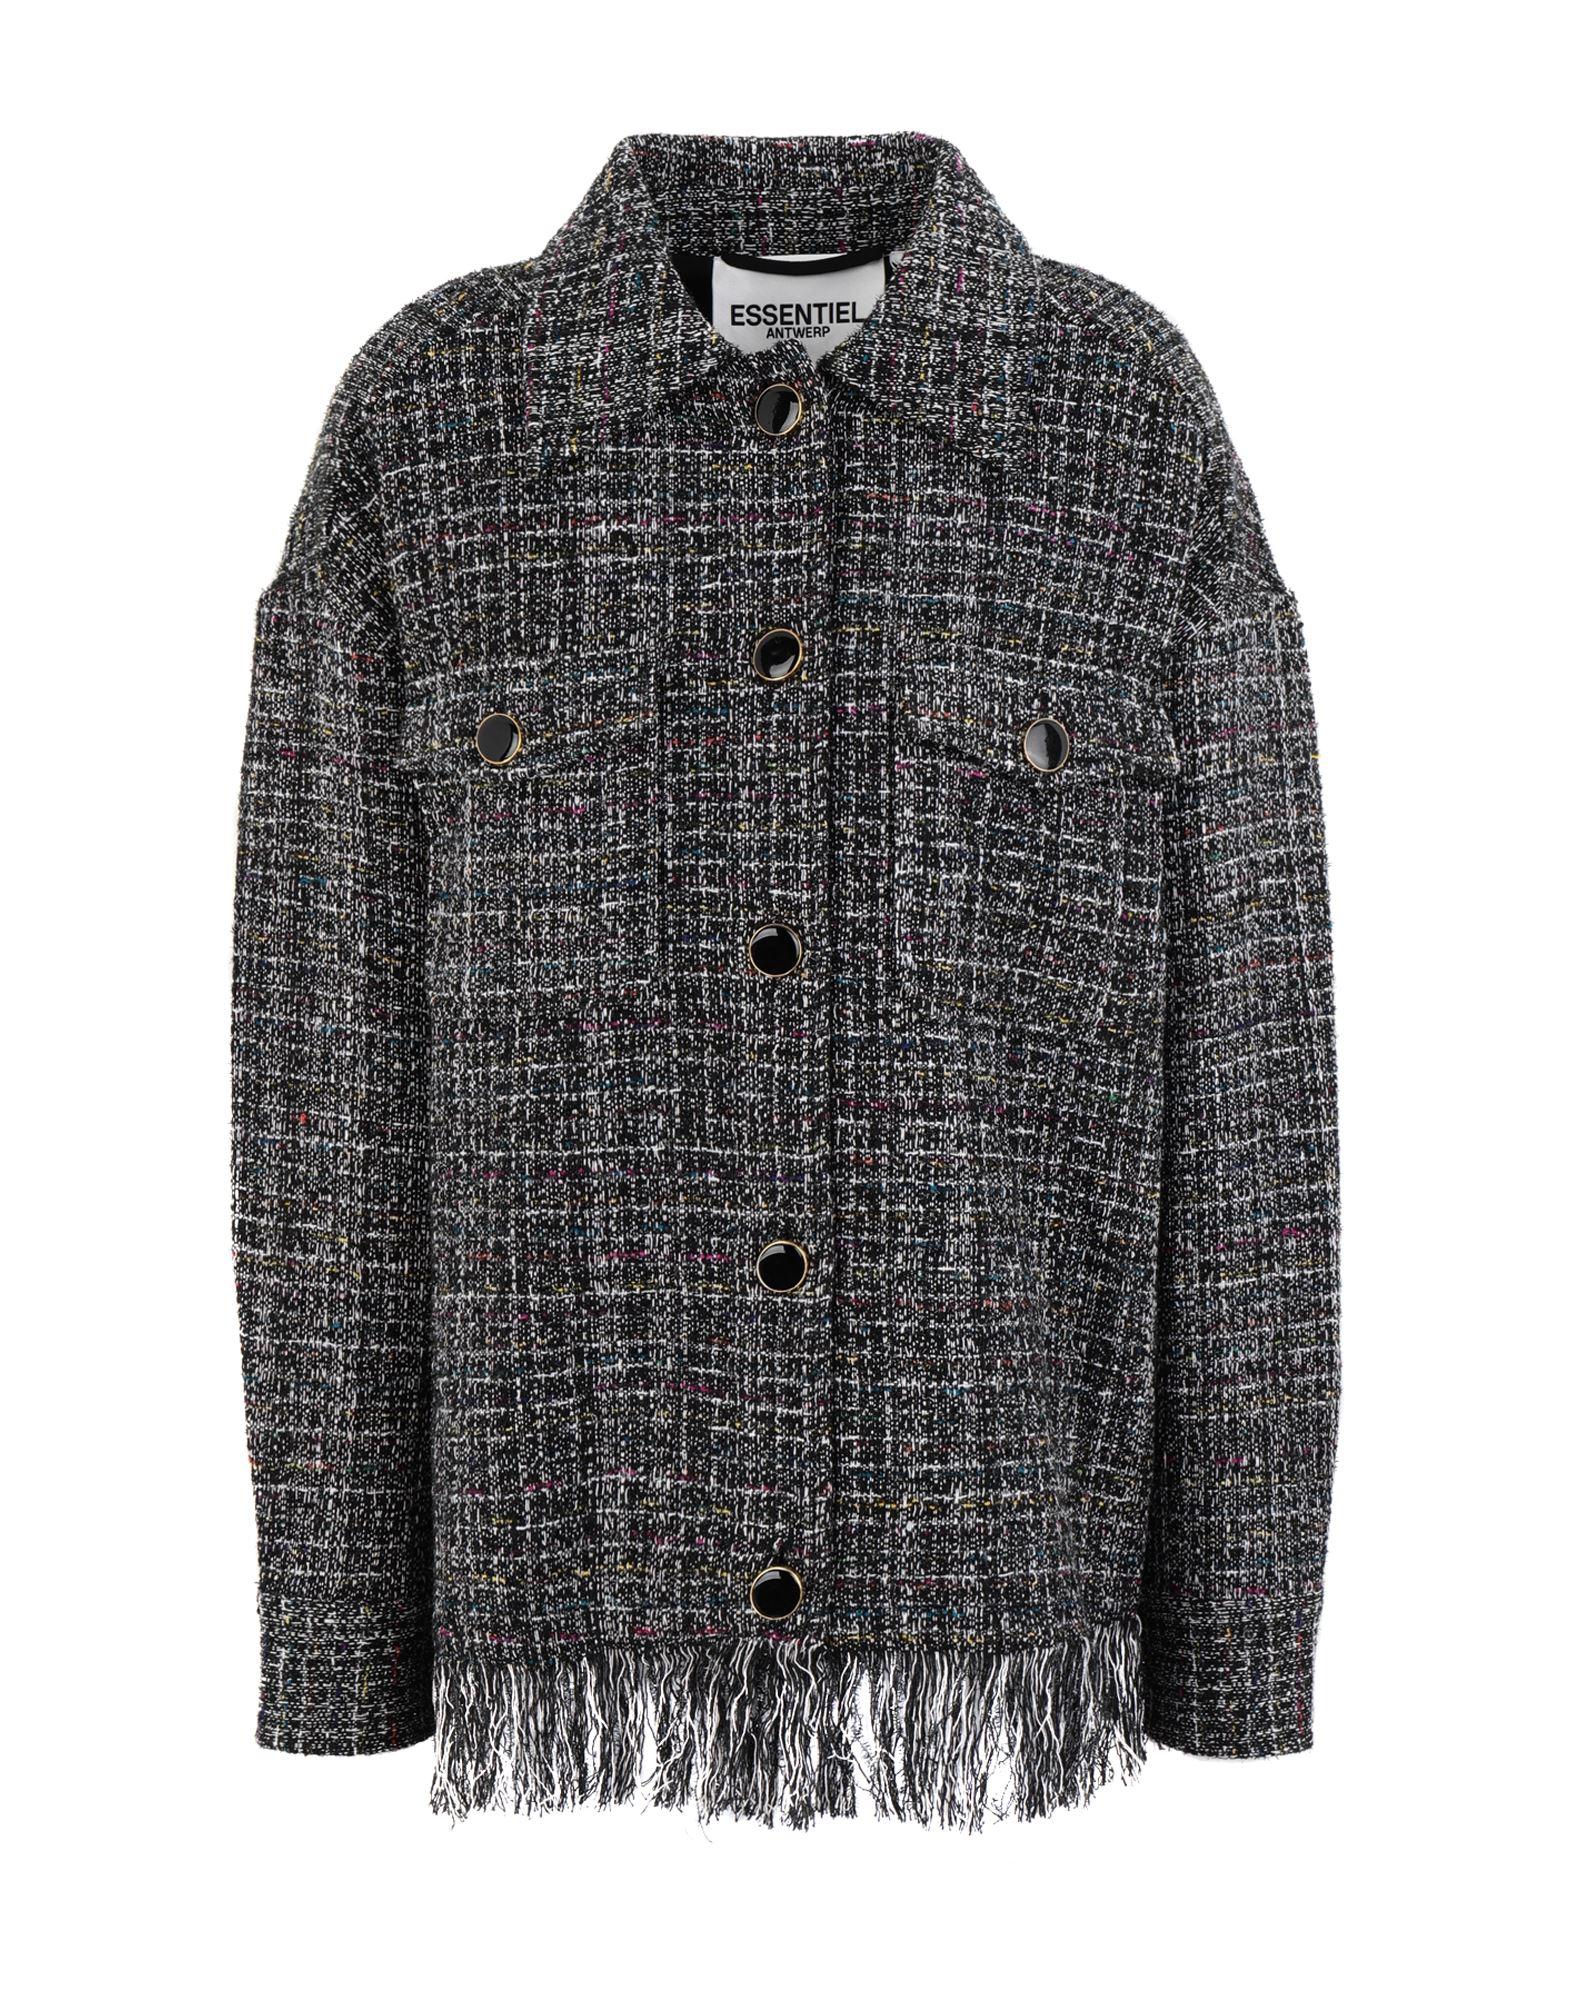 ESSENTIEL ANTWERP Overcoats - Item 41997023